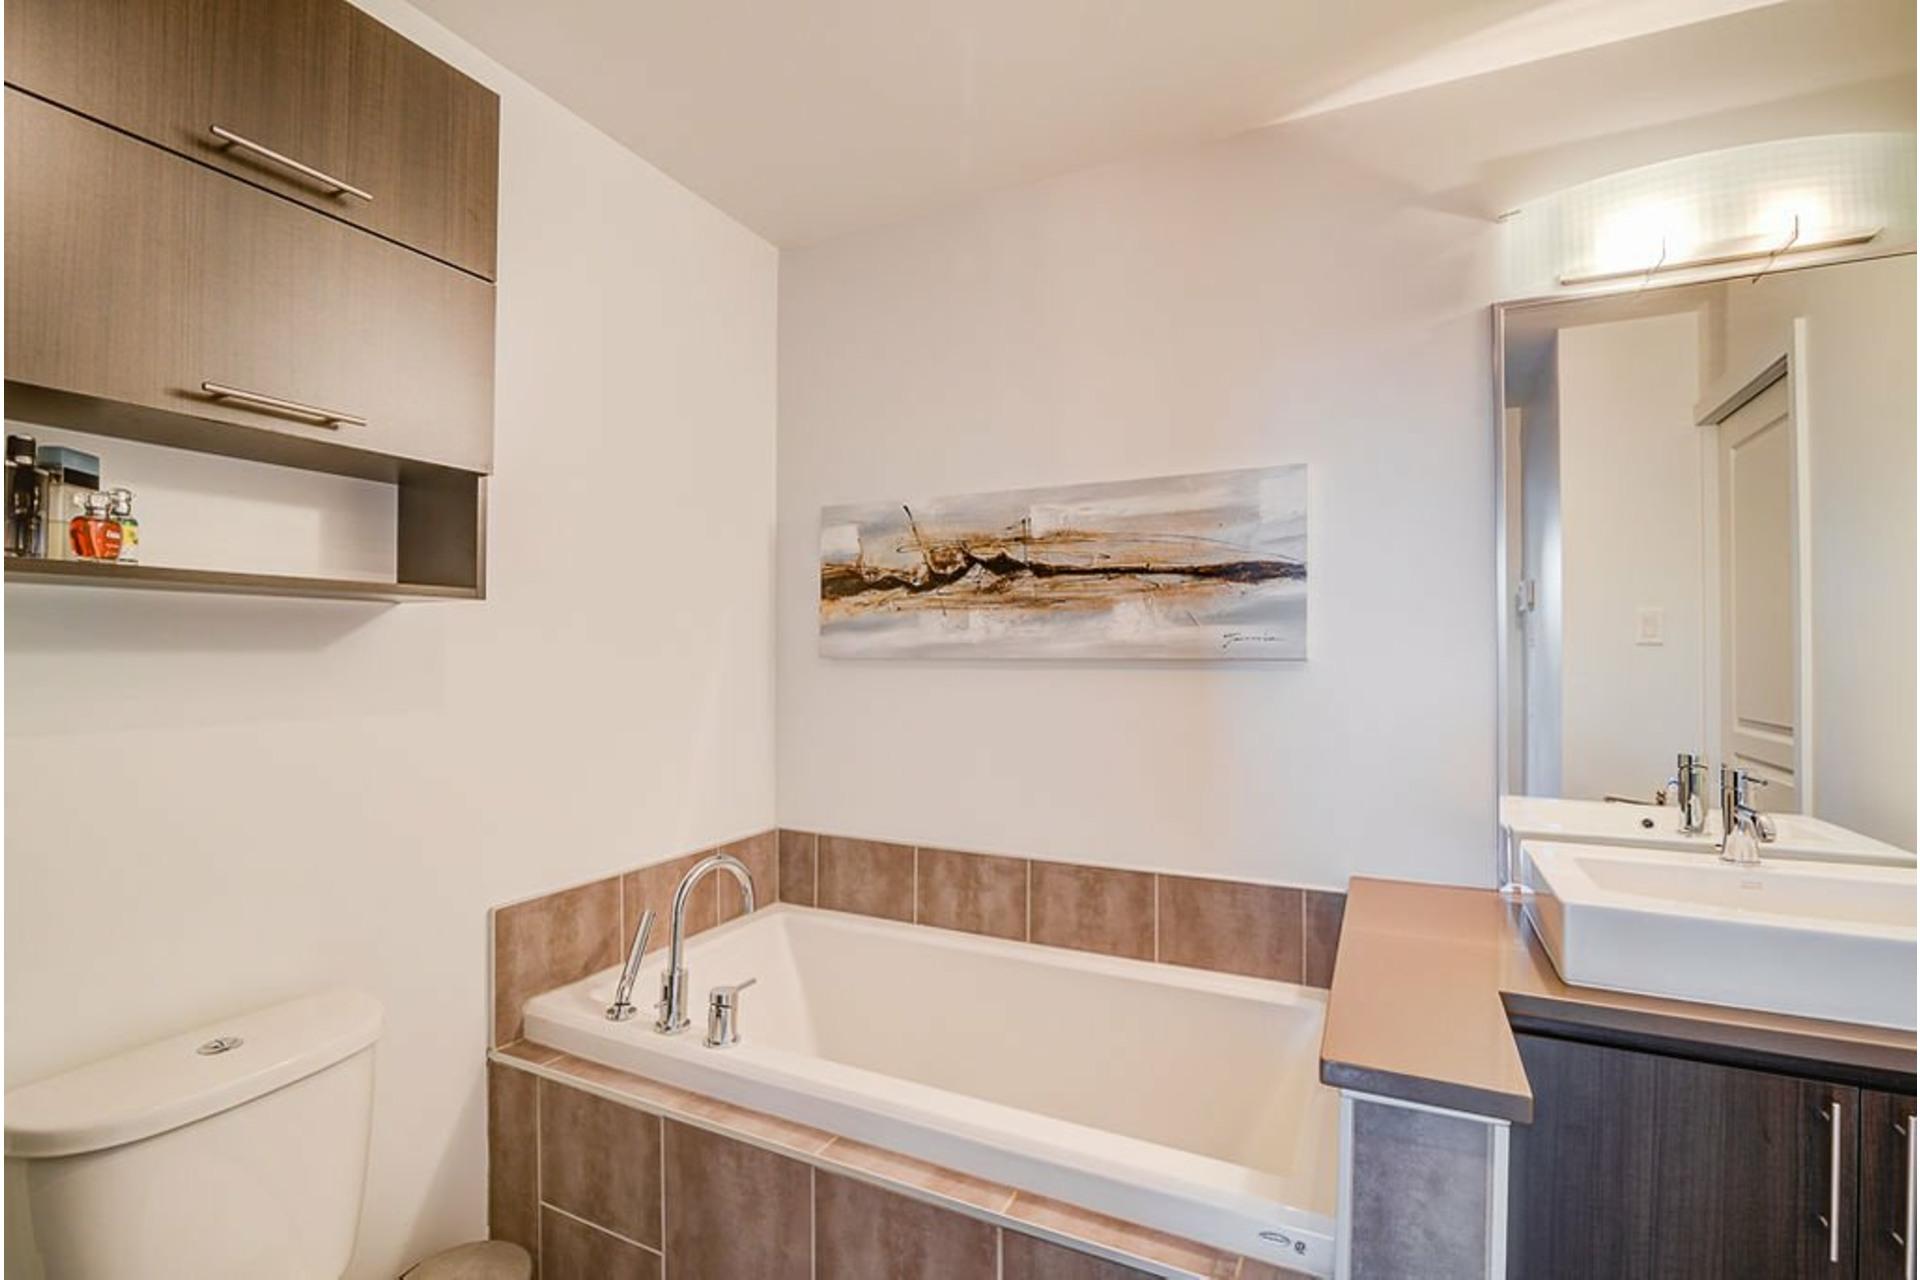 image 26 - Appartement À vendre Villeray/Saint-Michel/Parc-Extension Montréal  - 6 pièces